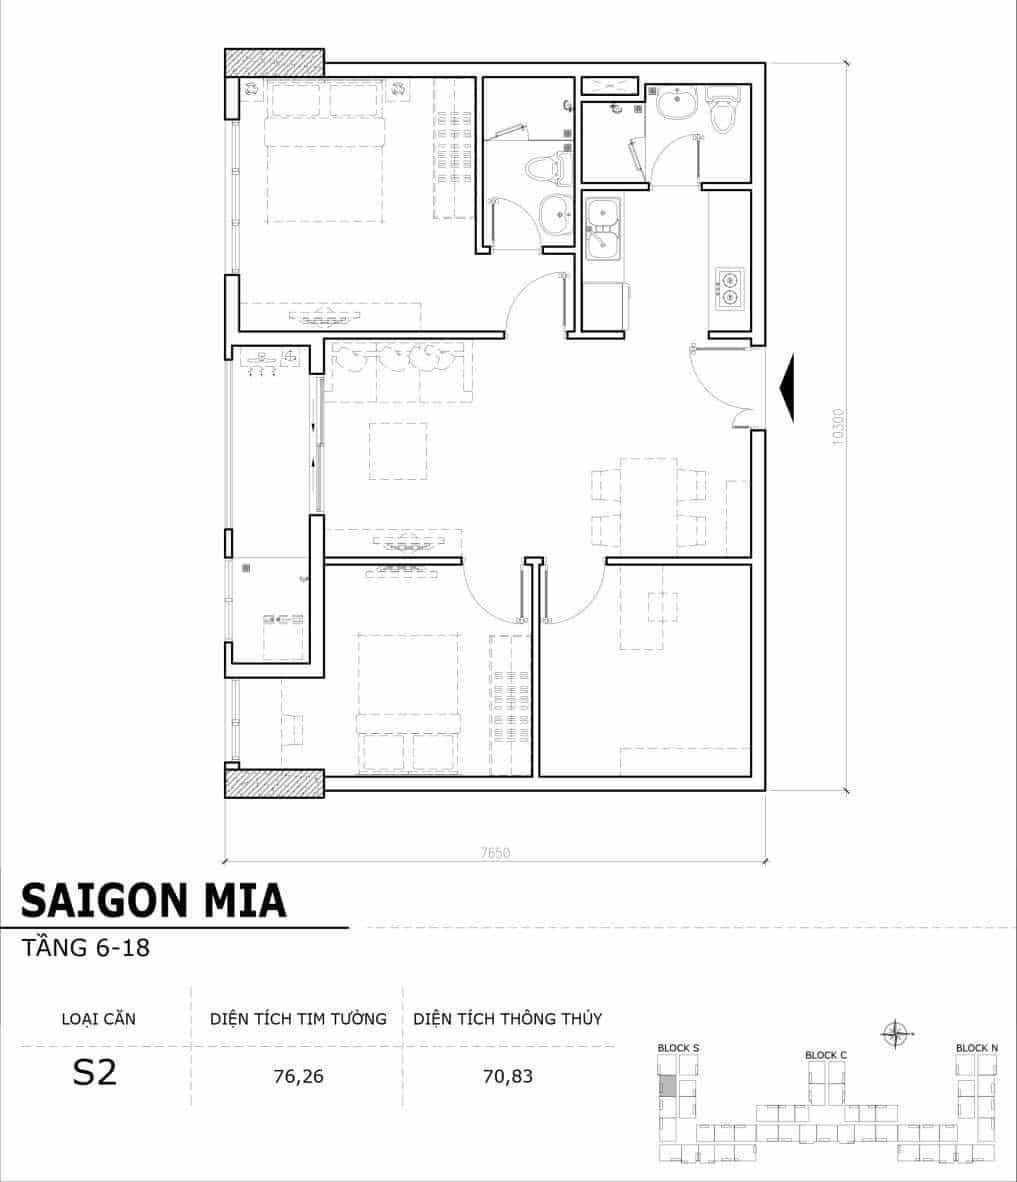 Chi tiết thiết kế căn hộ điển hình tầng 6-18 dự án Sài Gòn Mia - Căn S2